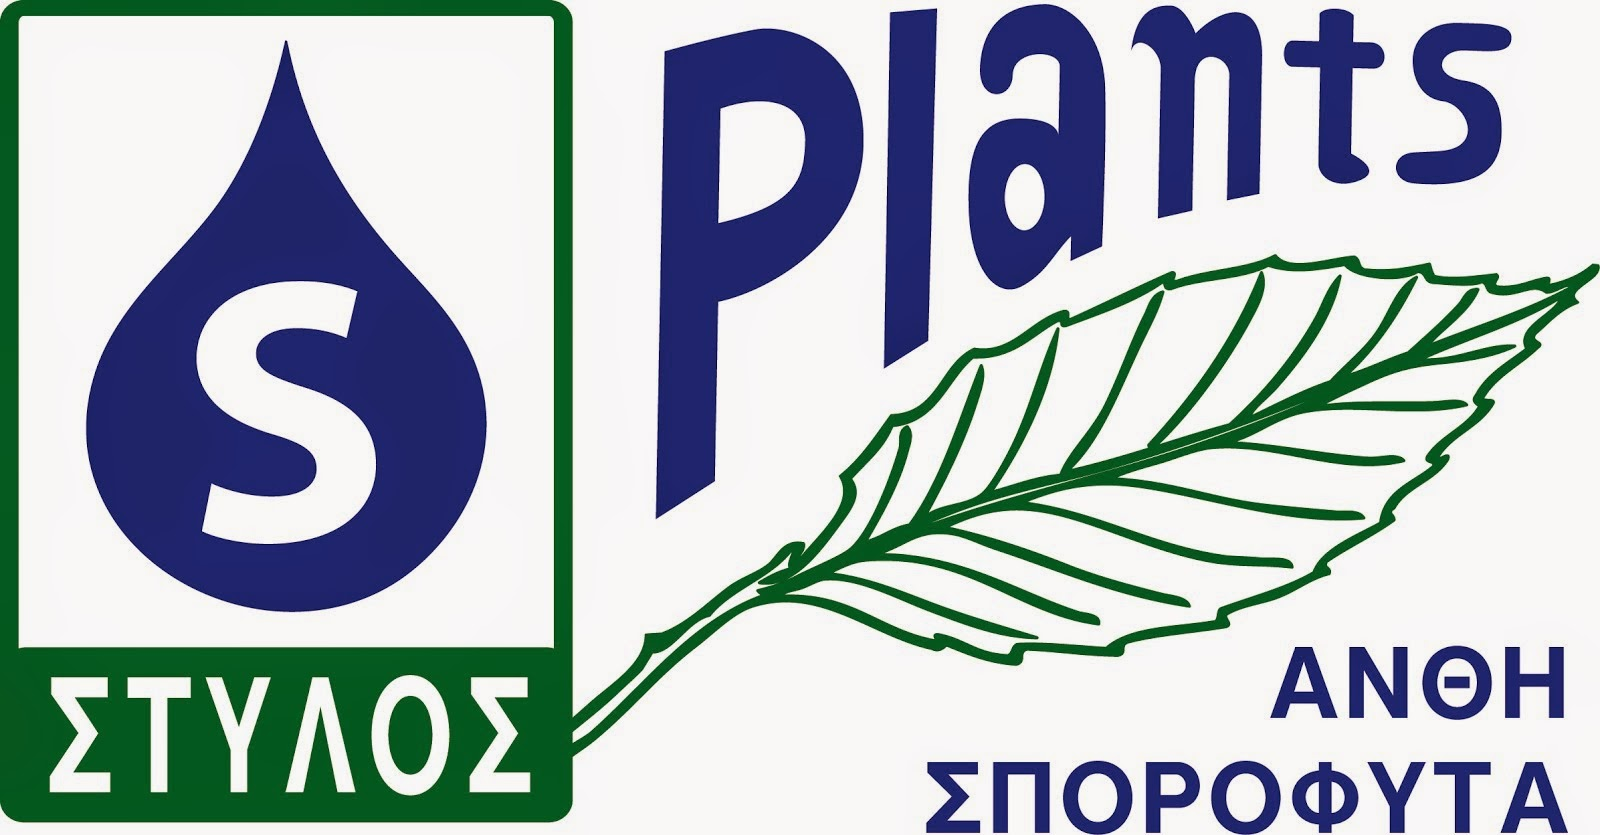 splants